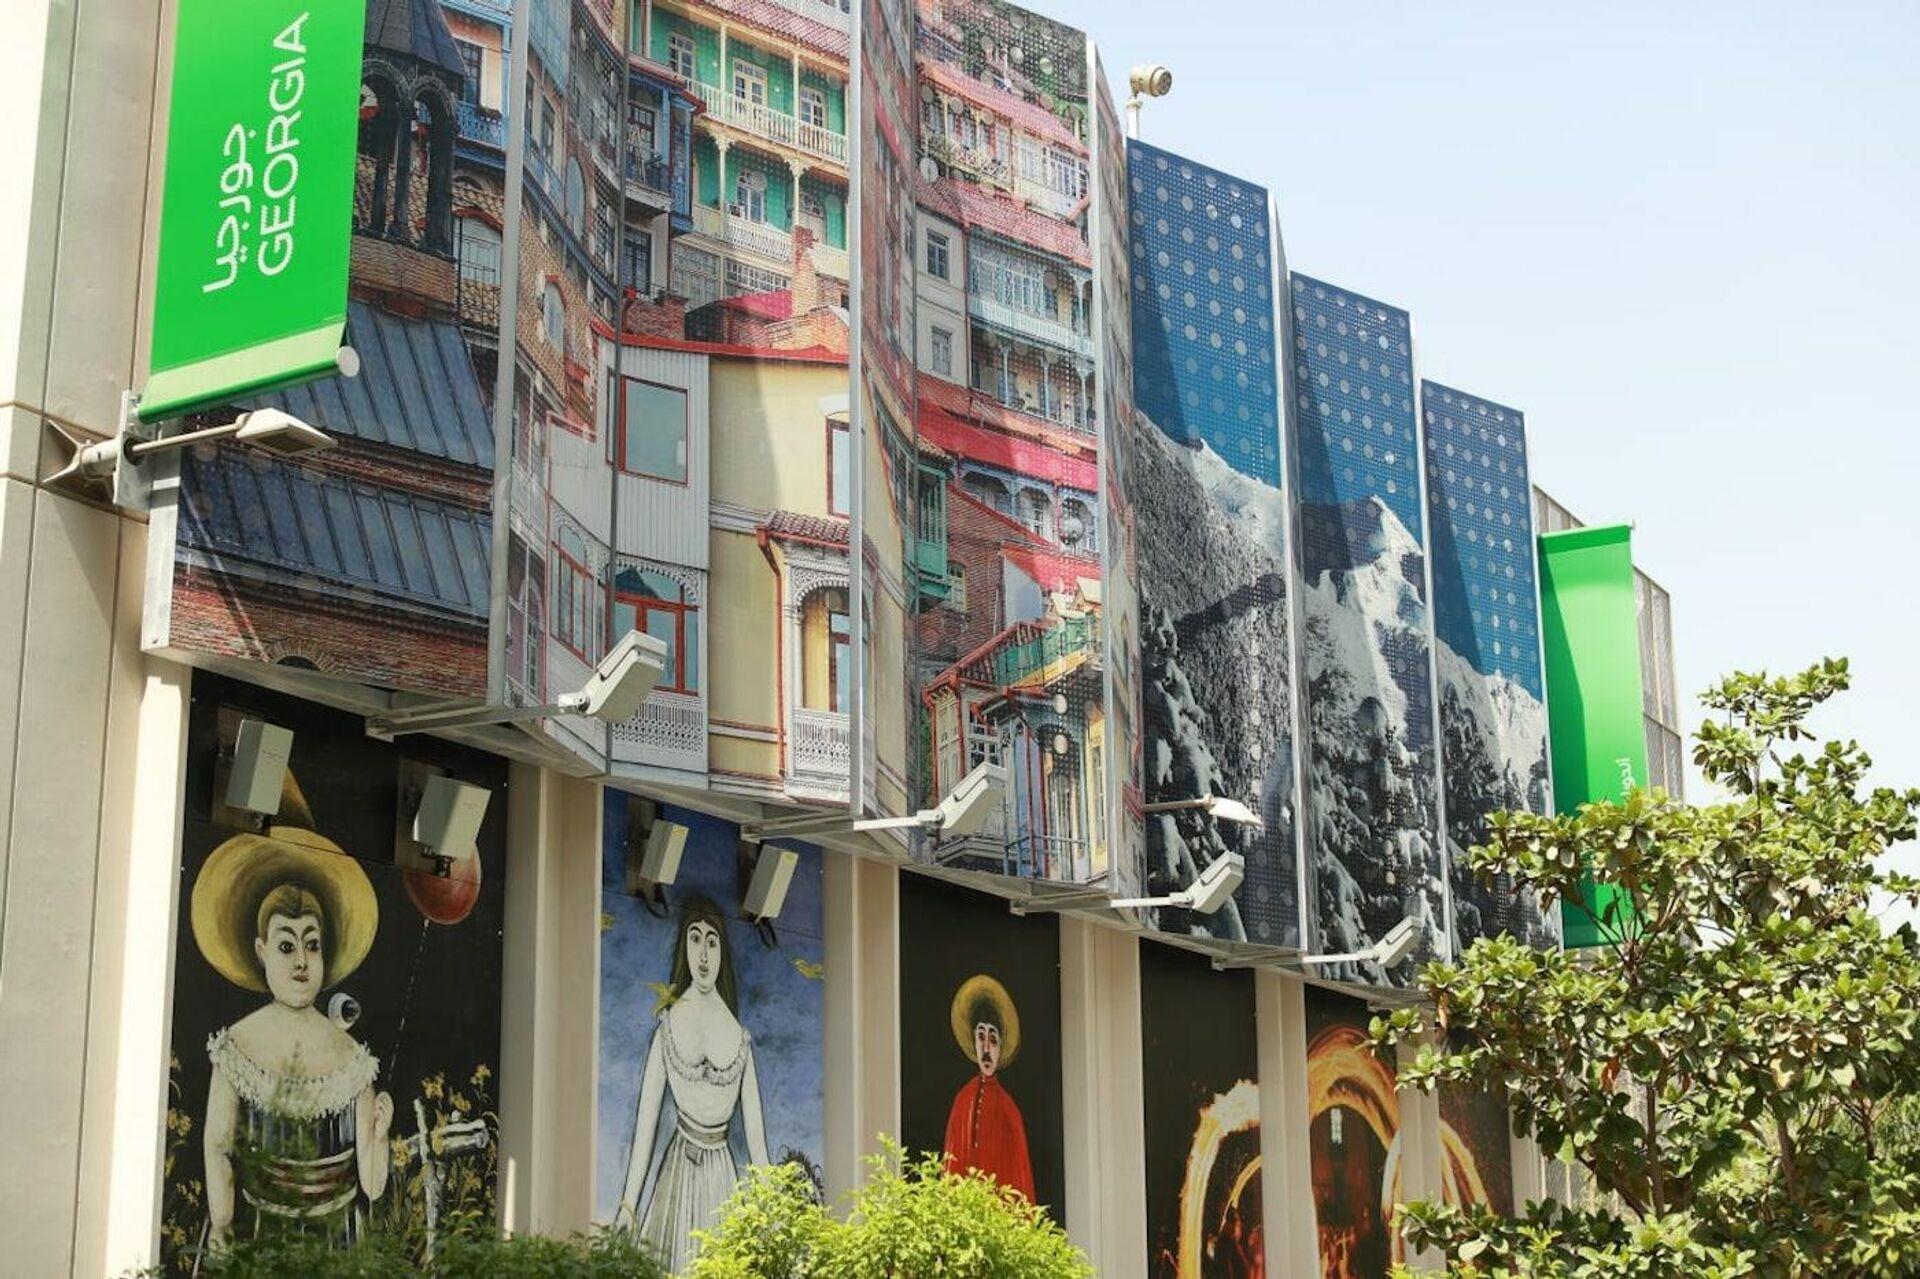 EXPO 2020 DUBAI - Грузия участвует в международной выставке в Дубае - Sputnik საქართველო, 1920, 30.09.2021